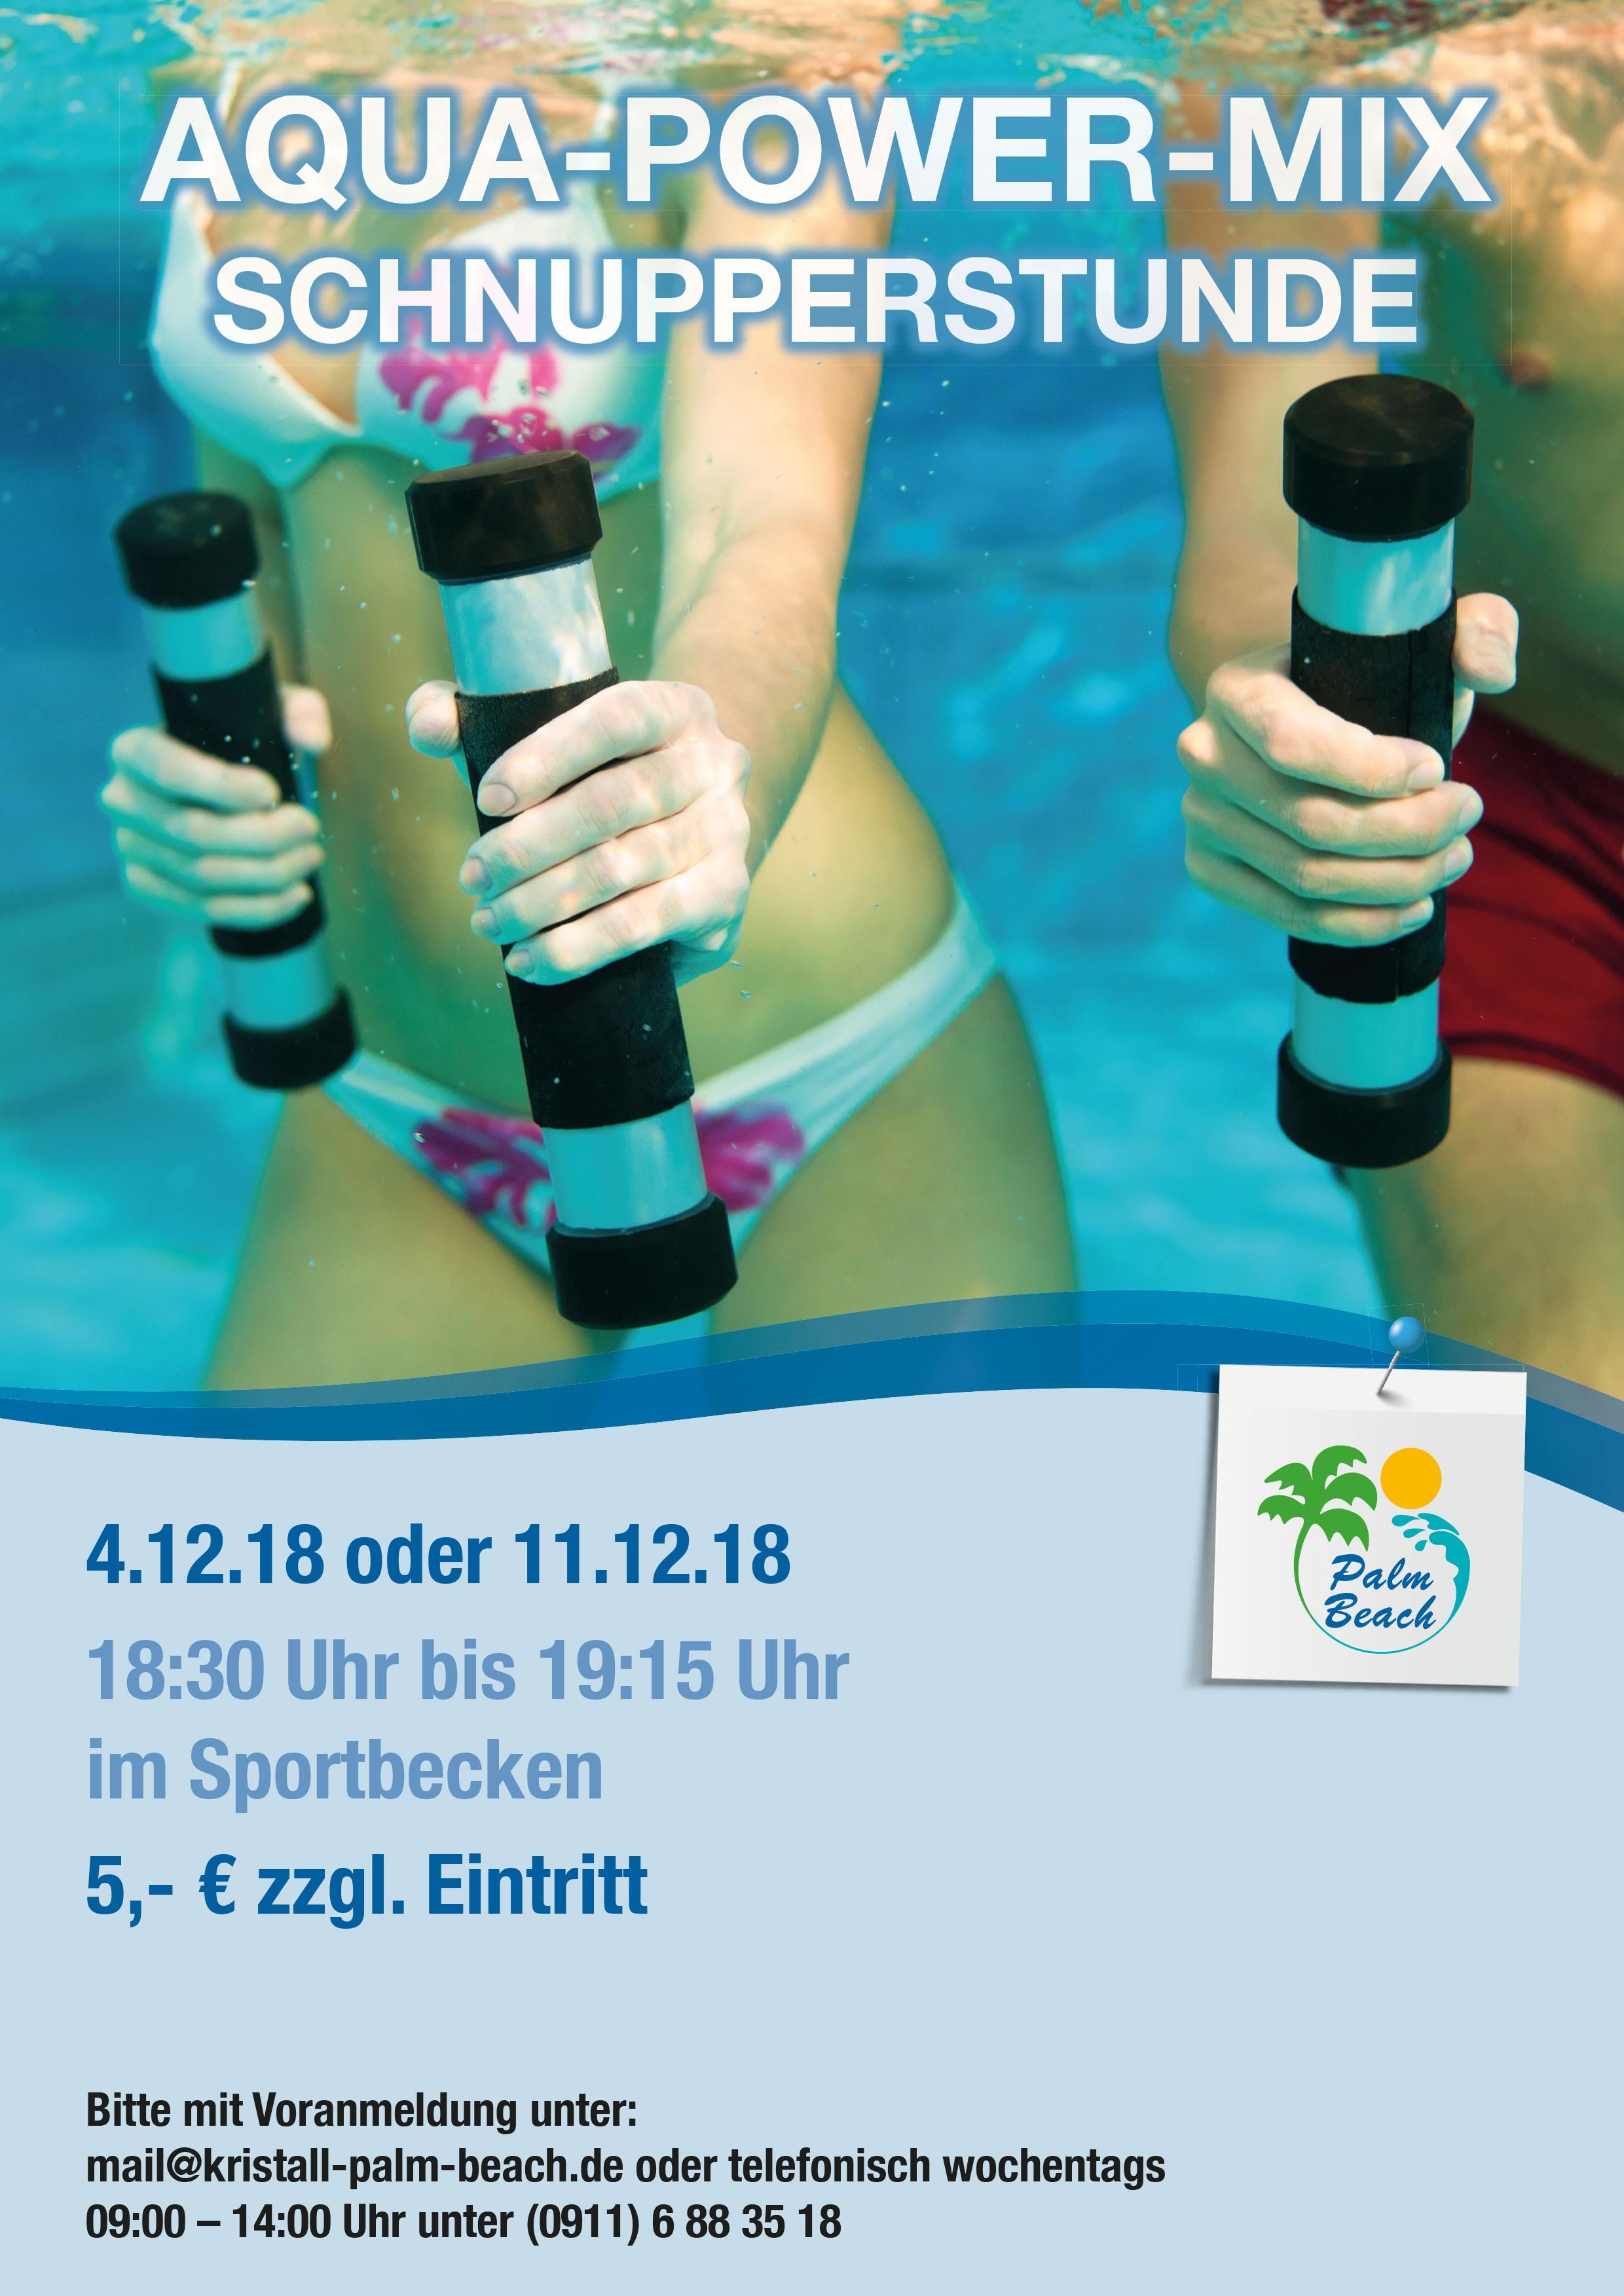 Aqua-Power-Mix Schnupperstunde